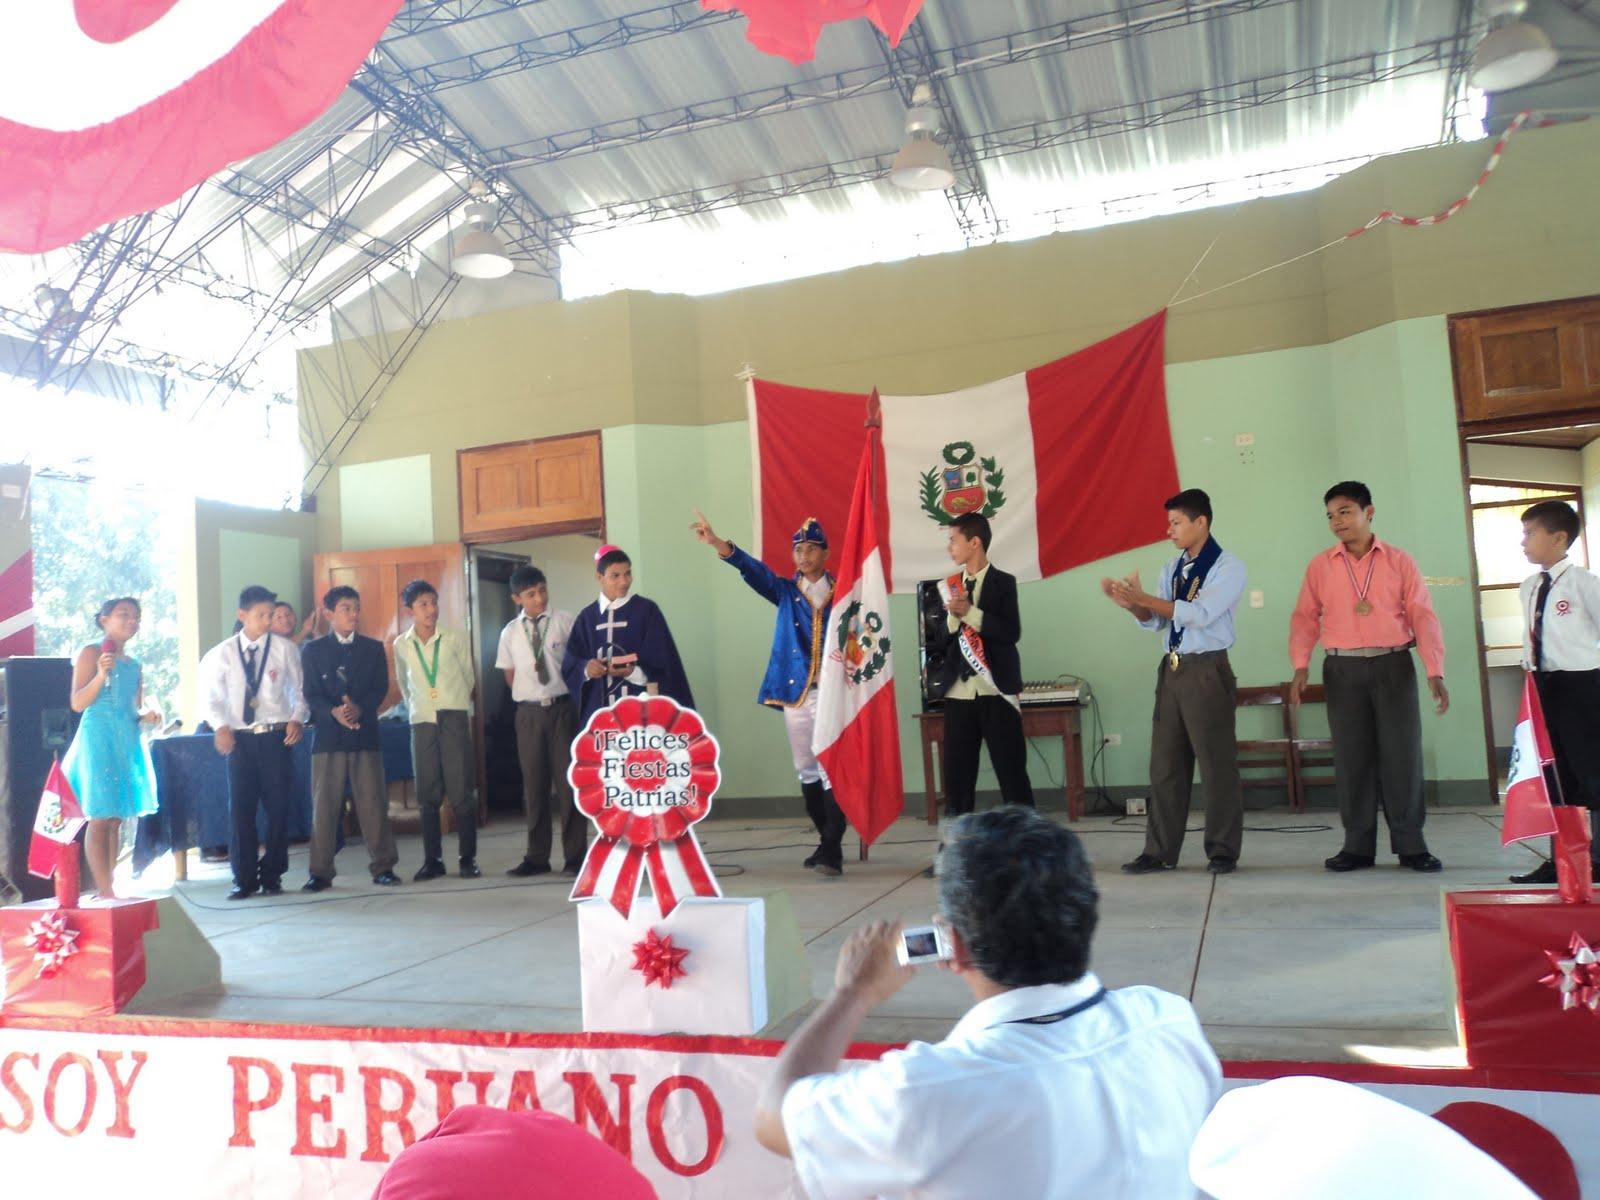 Paz y justicia ucayali fortaleciendo los valores civicos for Diario mural fiestas patrias chile